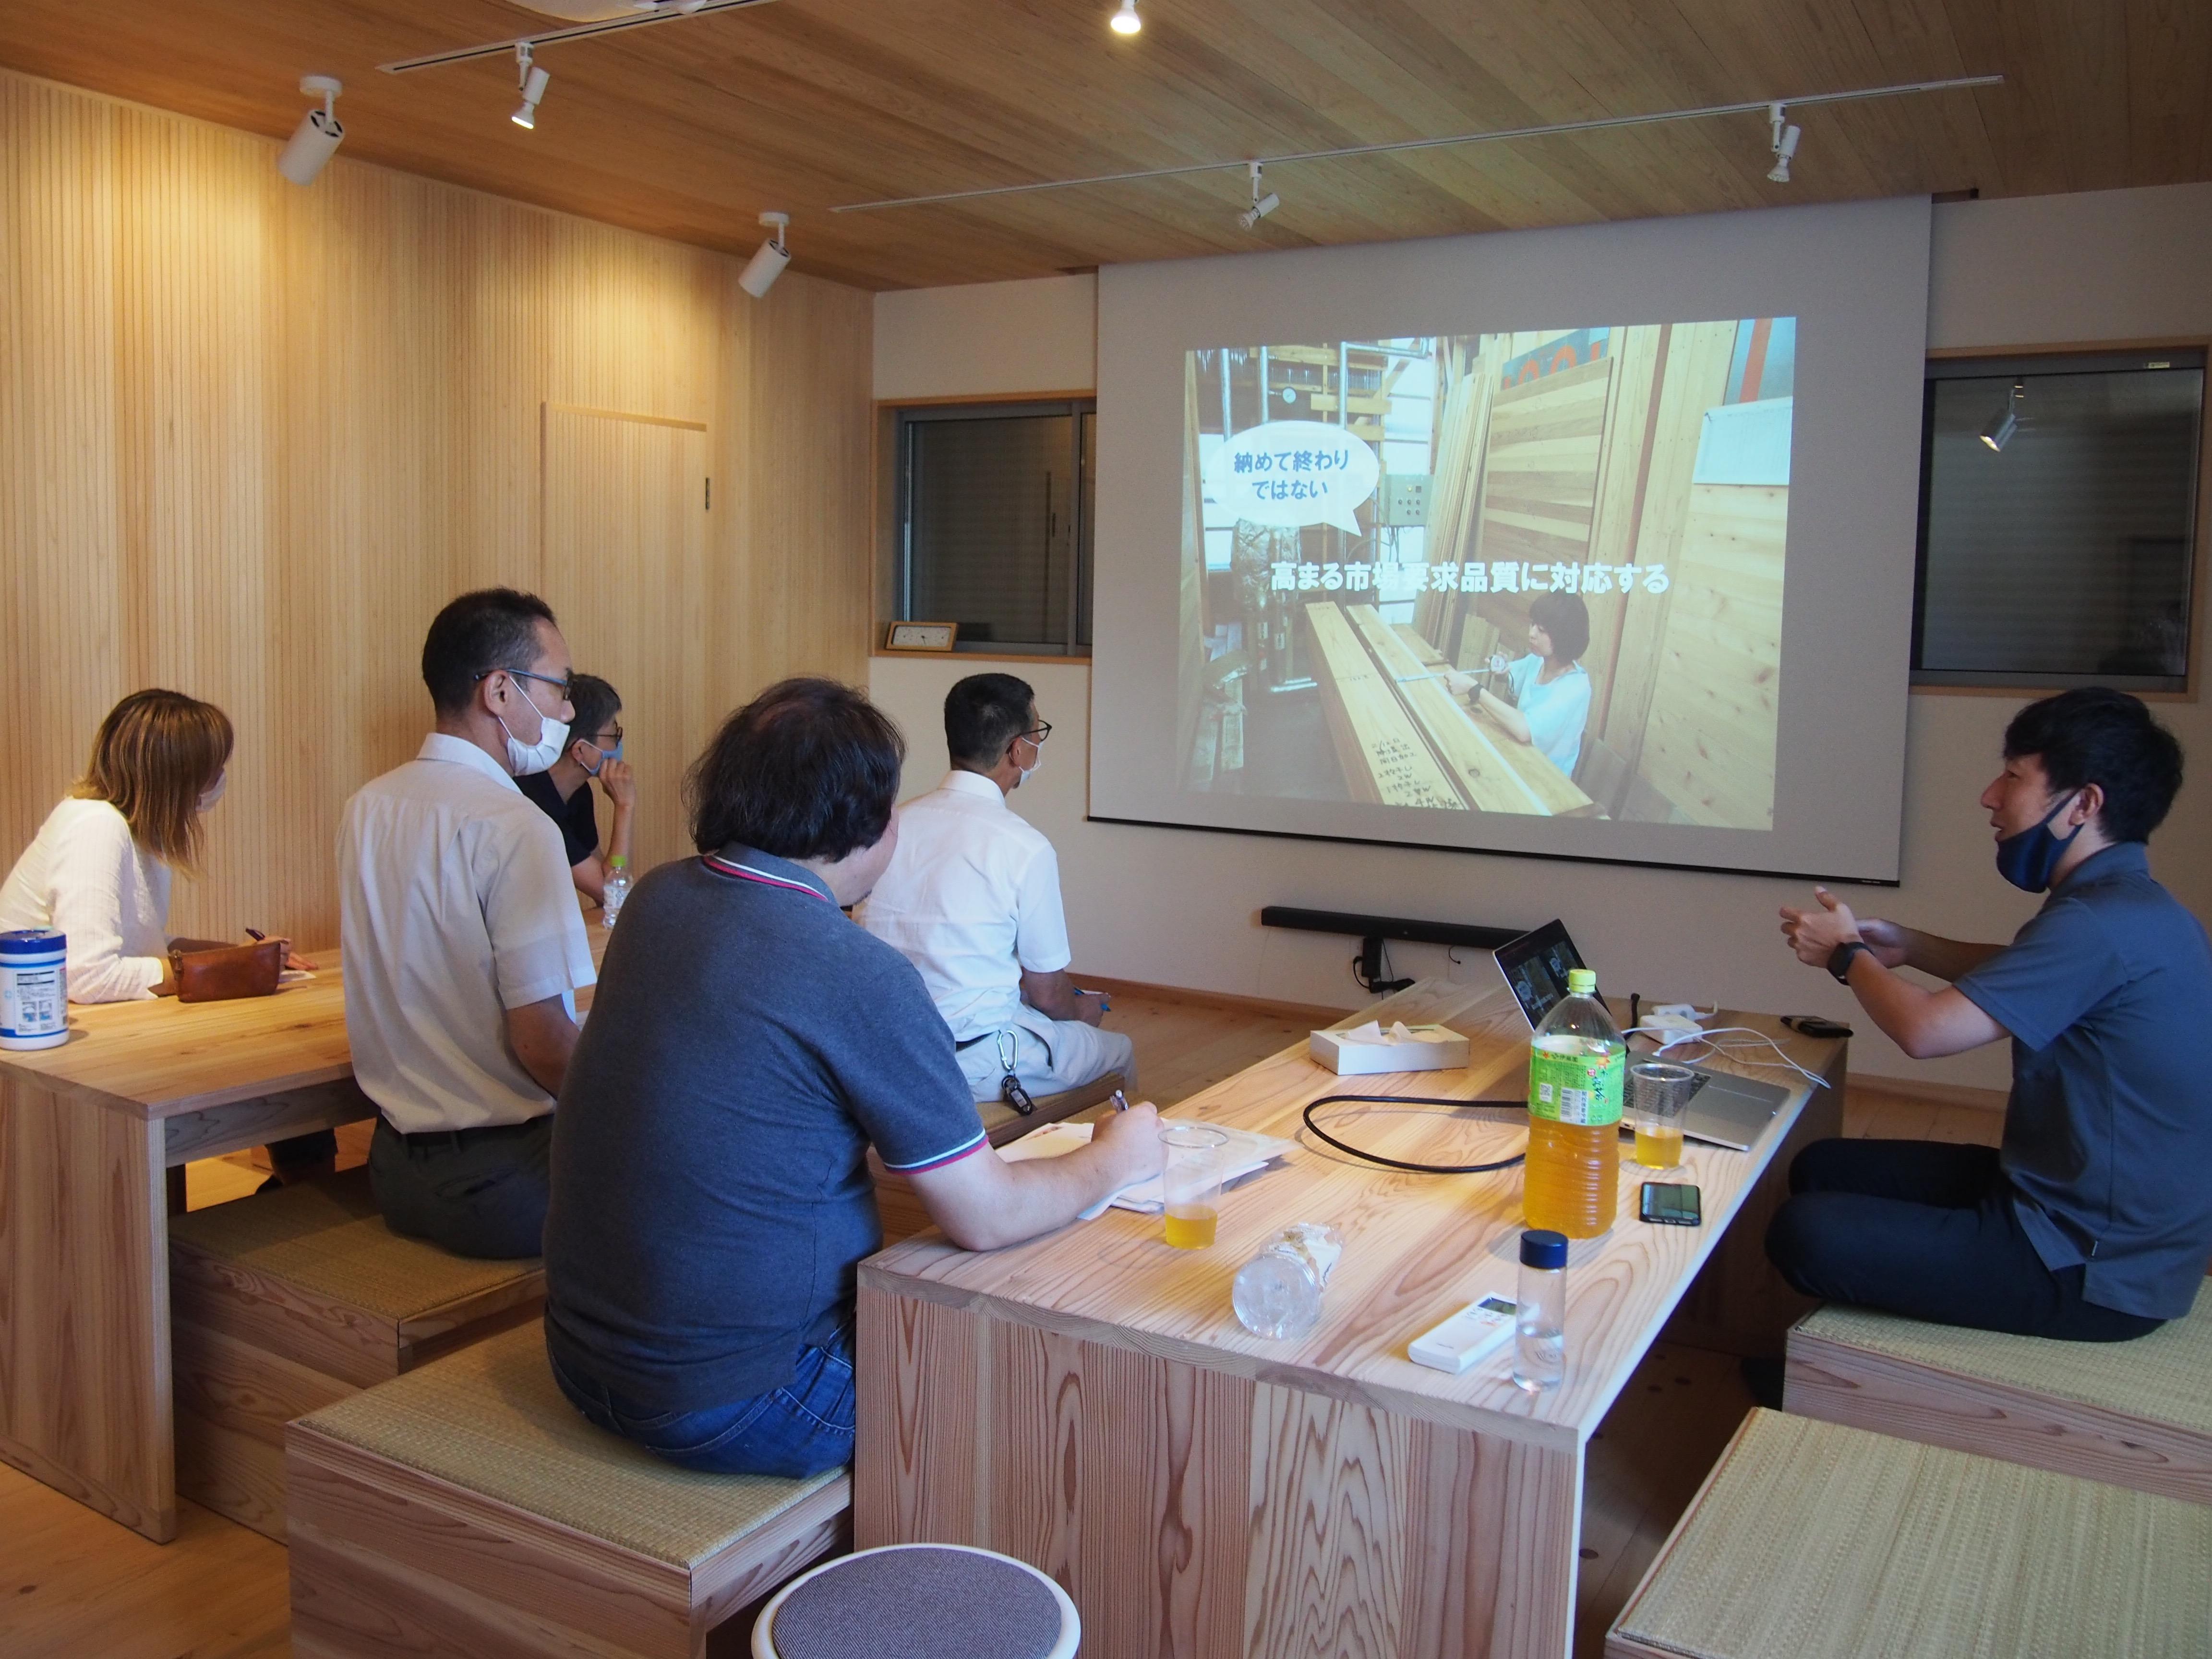 新入りレポ・Part2 第6回「吉野と熊野」